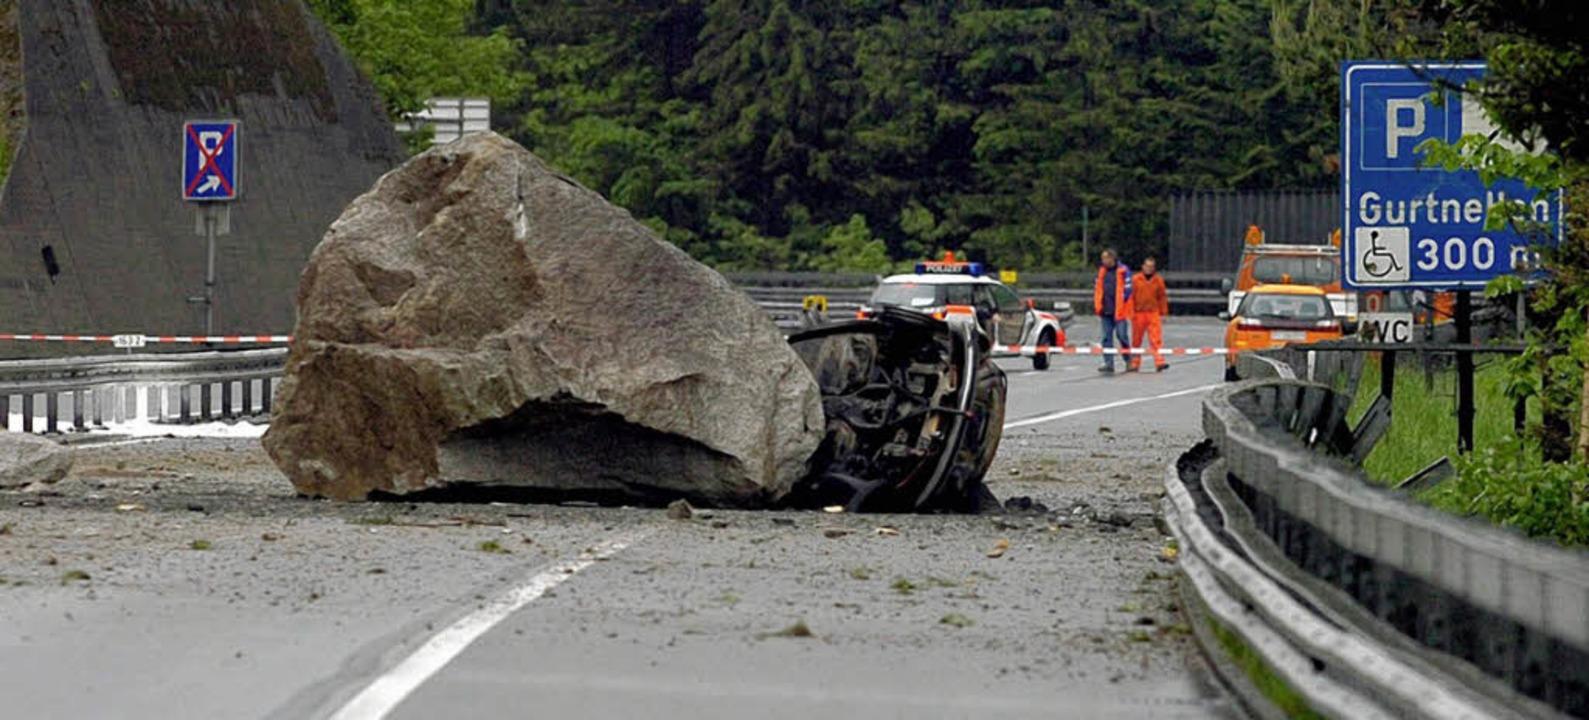 2006 wurden bei Gurtnellen zwei deutsche Urlauber erschlagen.  | Foto: dpa